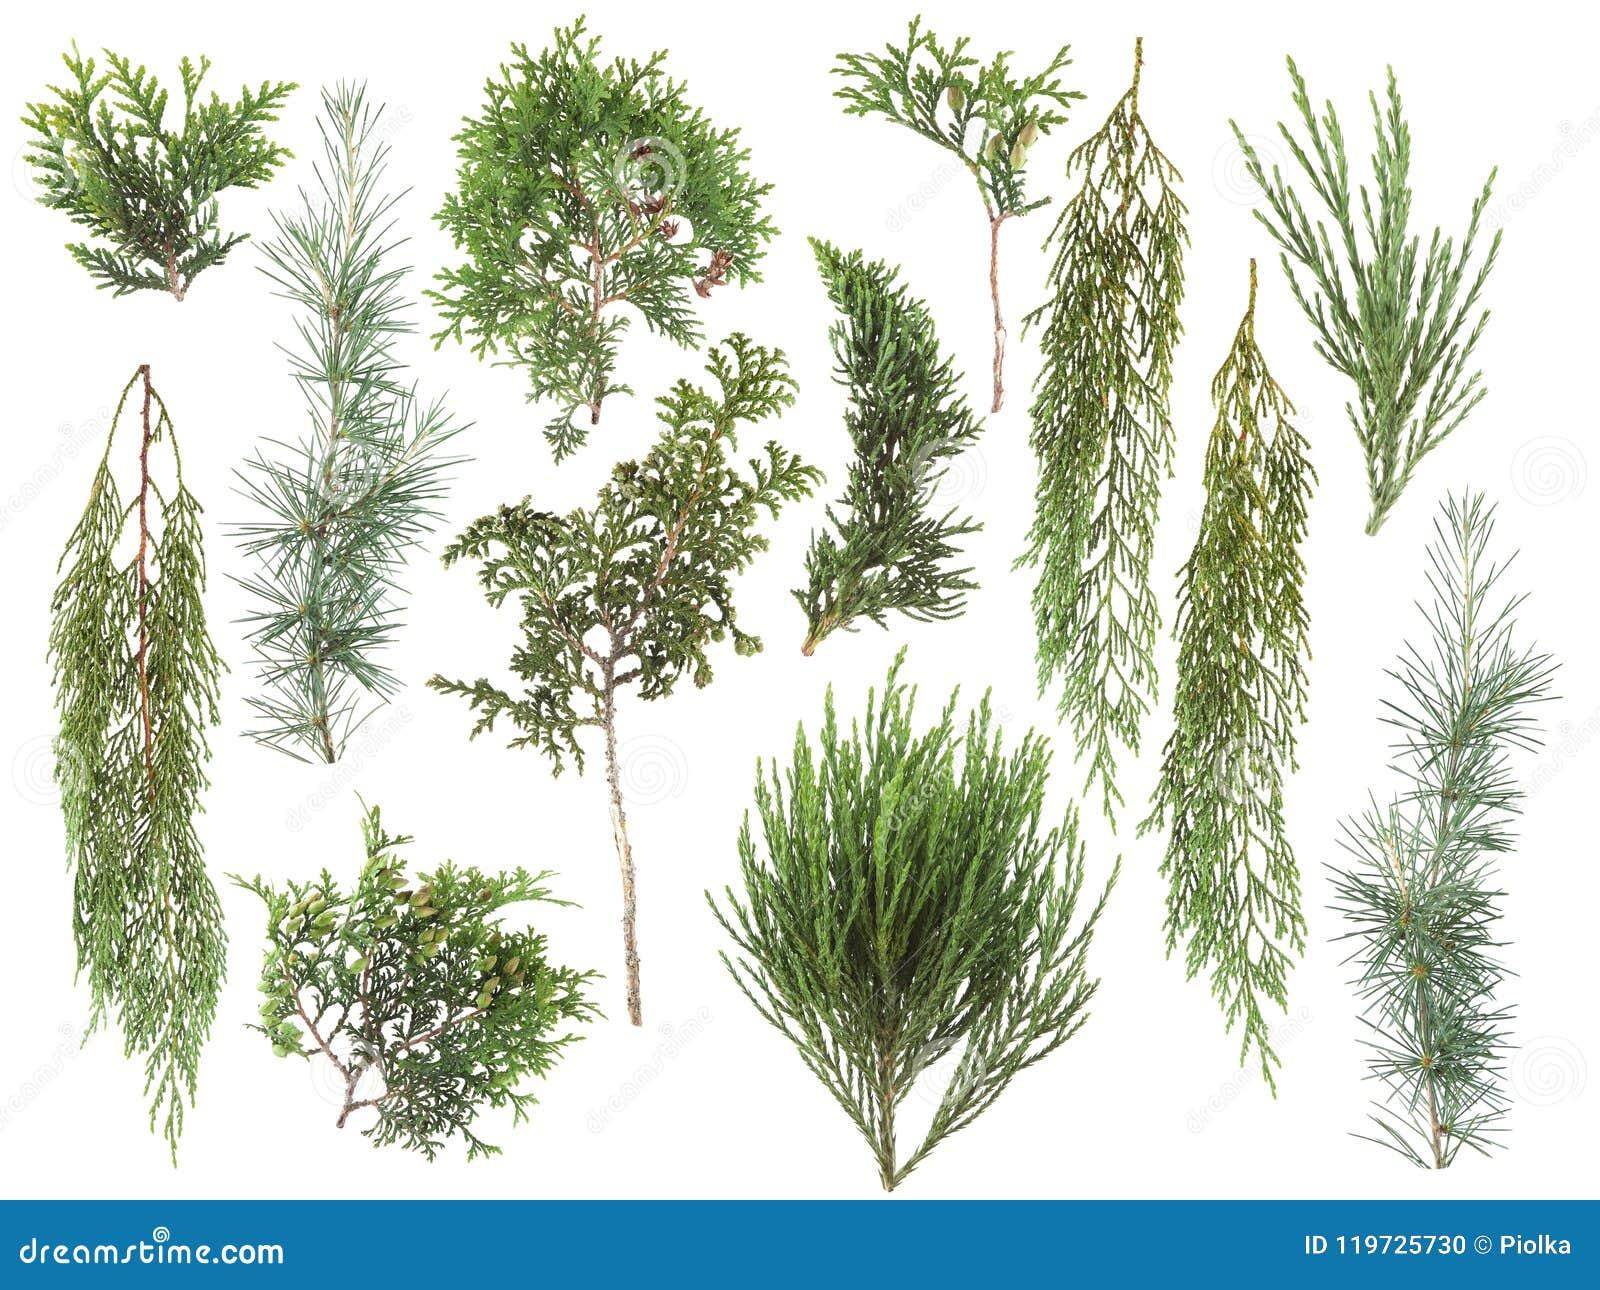 種類 針葉樹 針葉樹とは?種類や庭木のおすすめは?